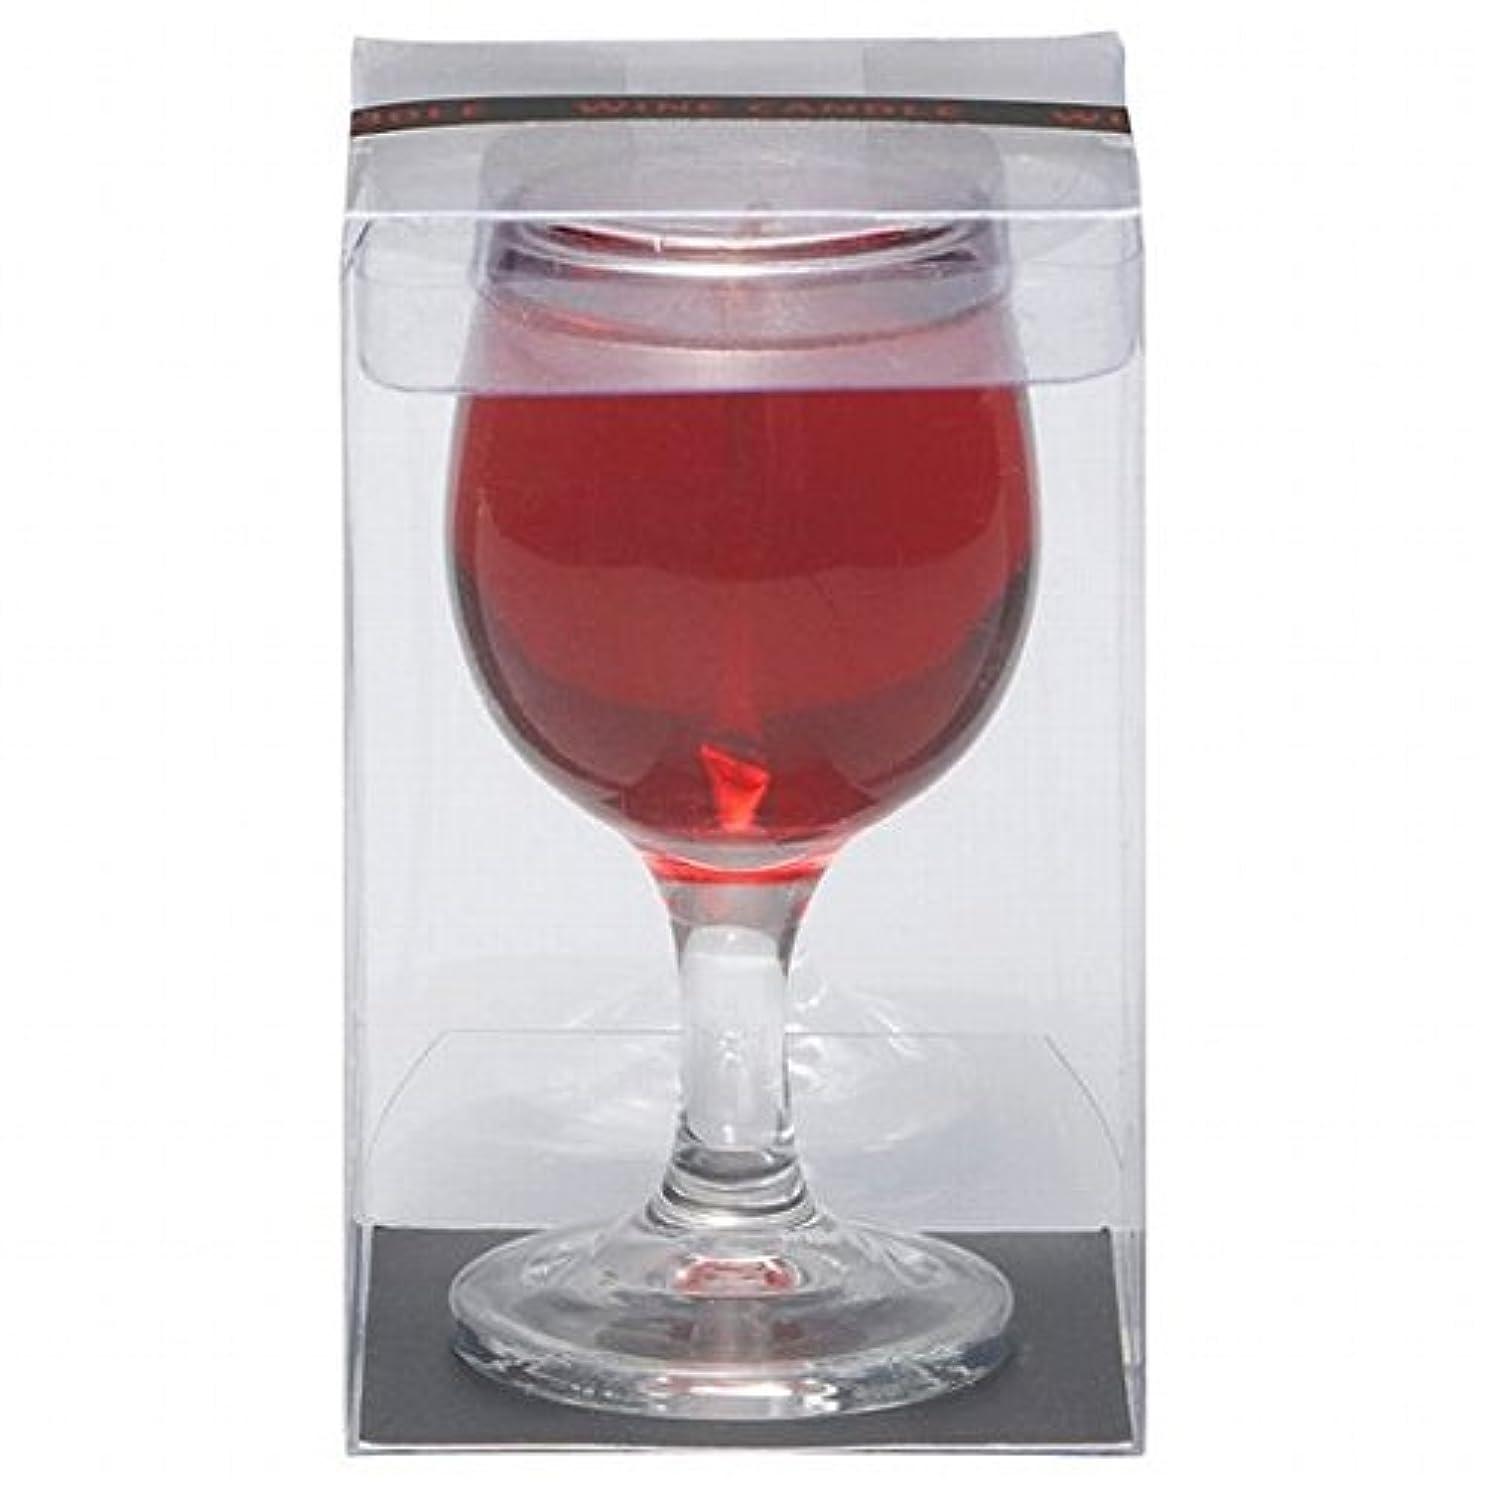 政府先生すずめカメヤマキャンドル(kameyama candle) ワインキャンドル